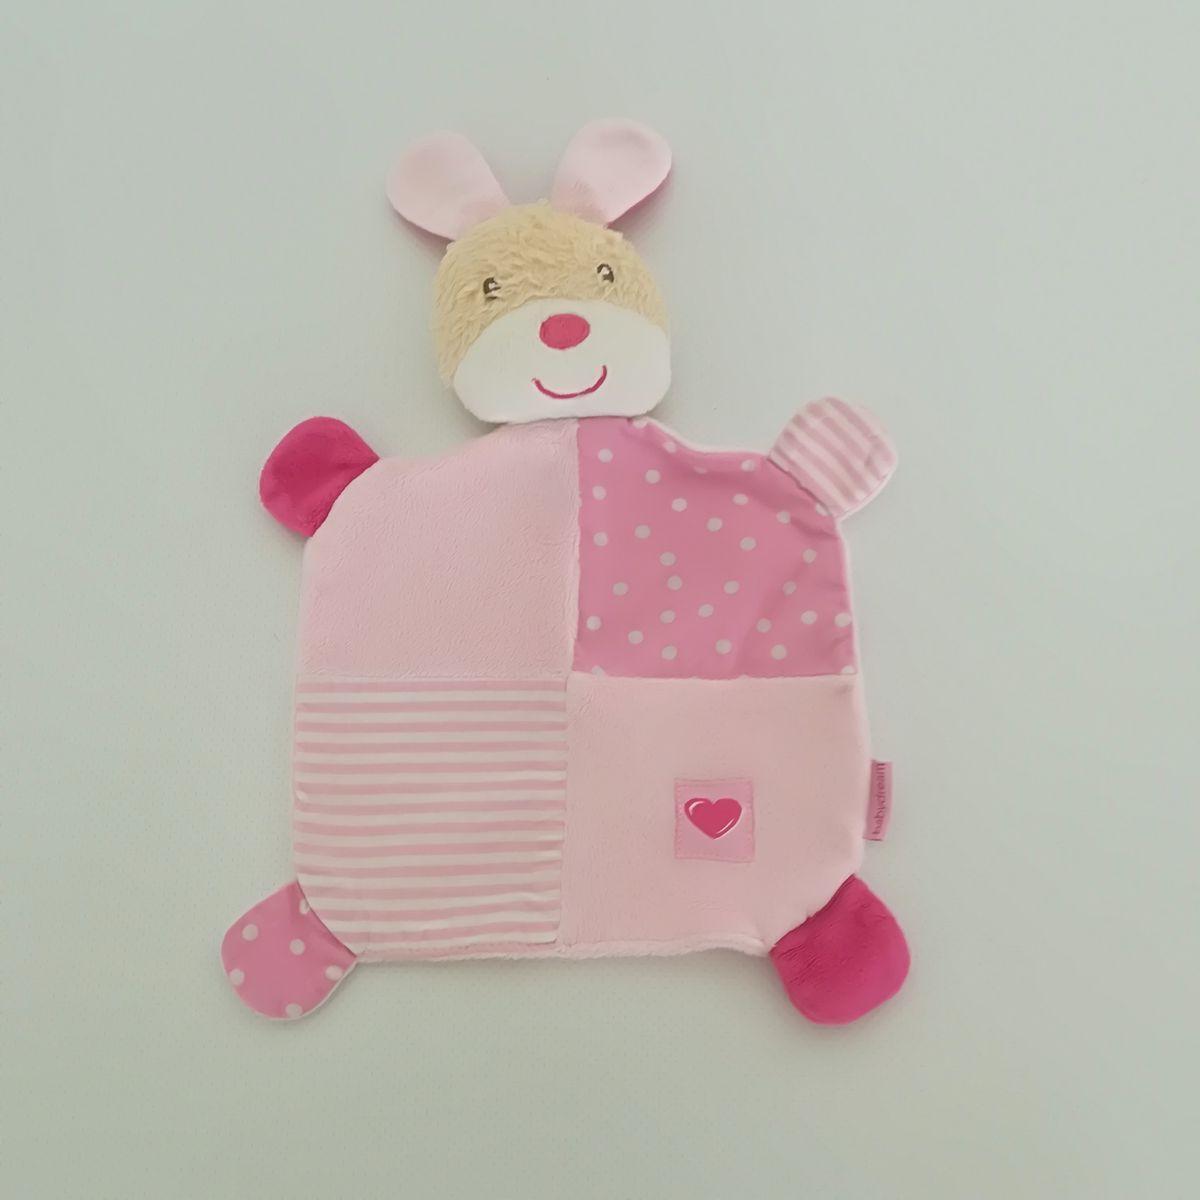 ... Rossmann Babydream rózsaszín nyuszis plüss szundikendő ... aca9d80fbc